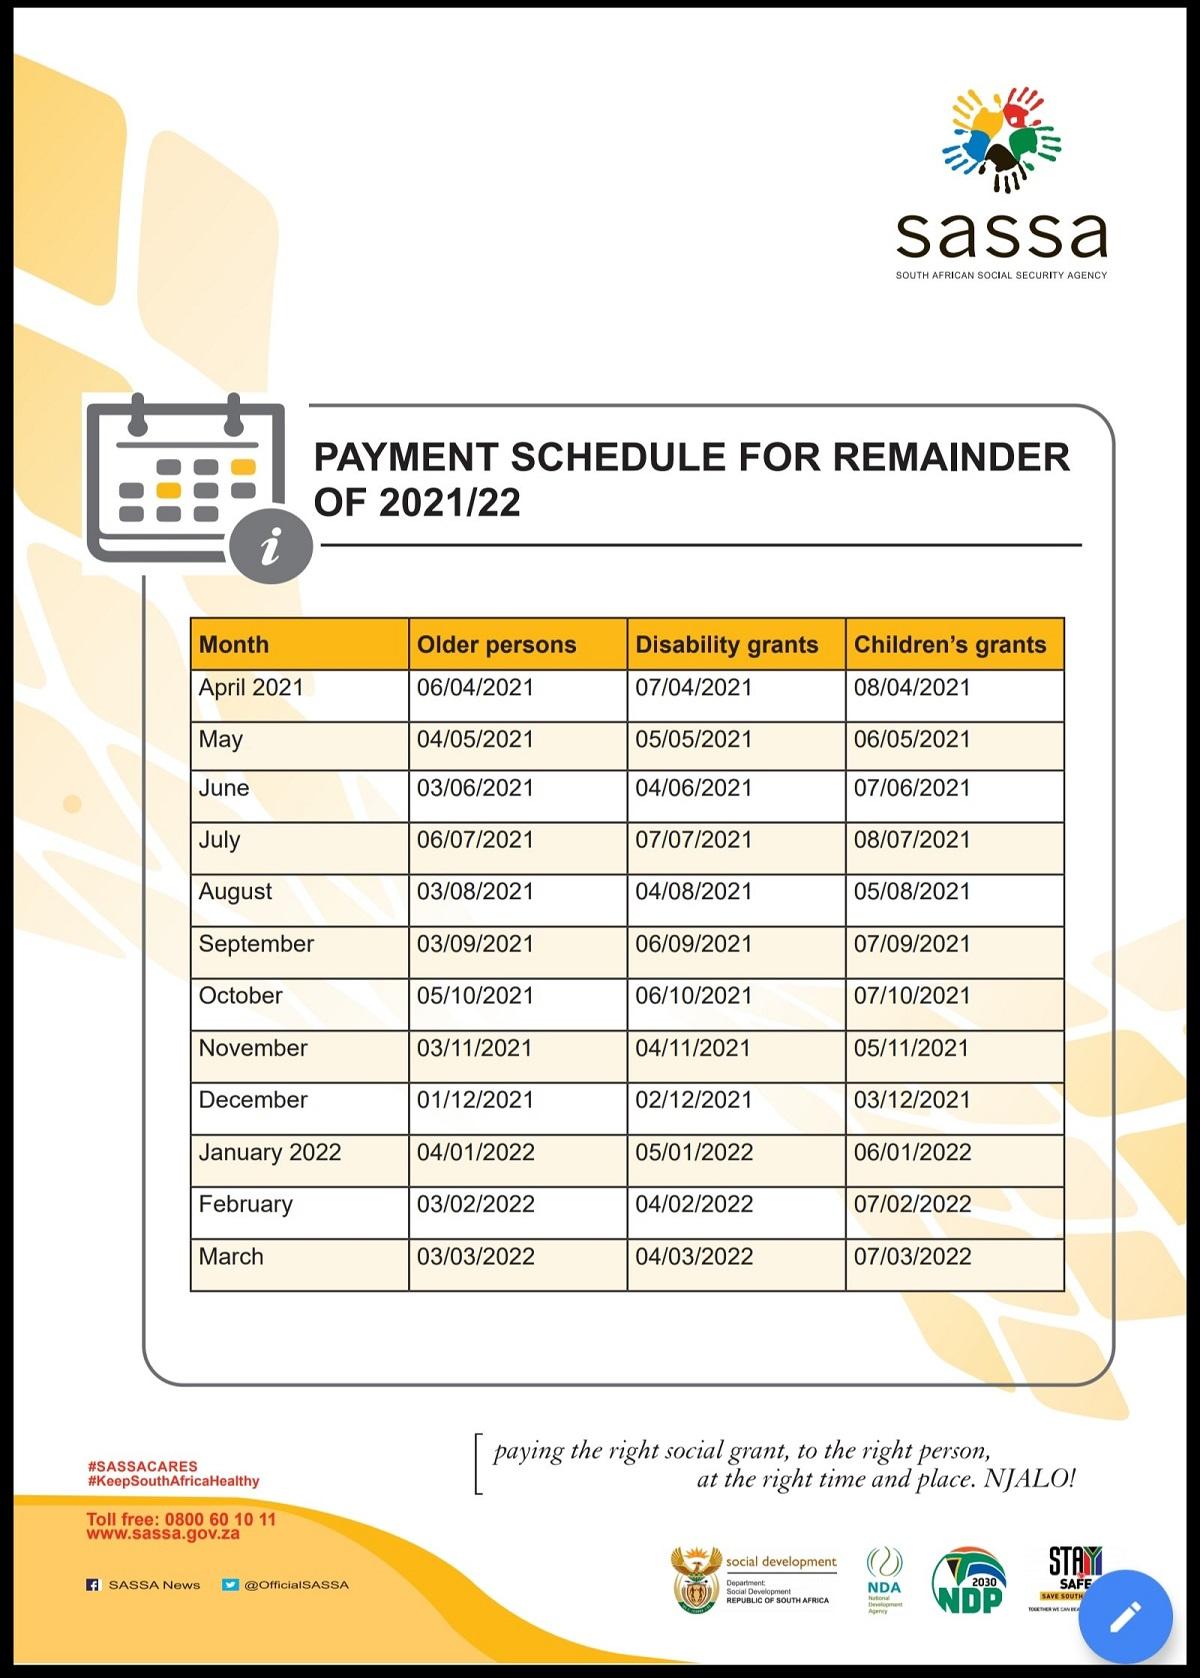 SASSA payment schedule 2021